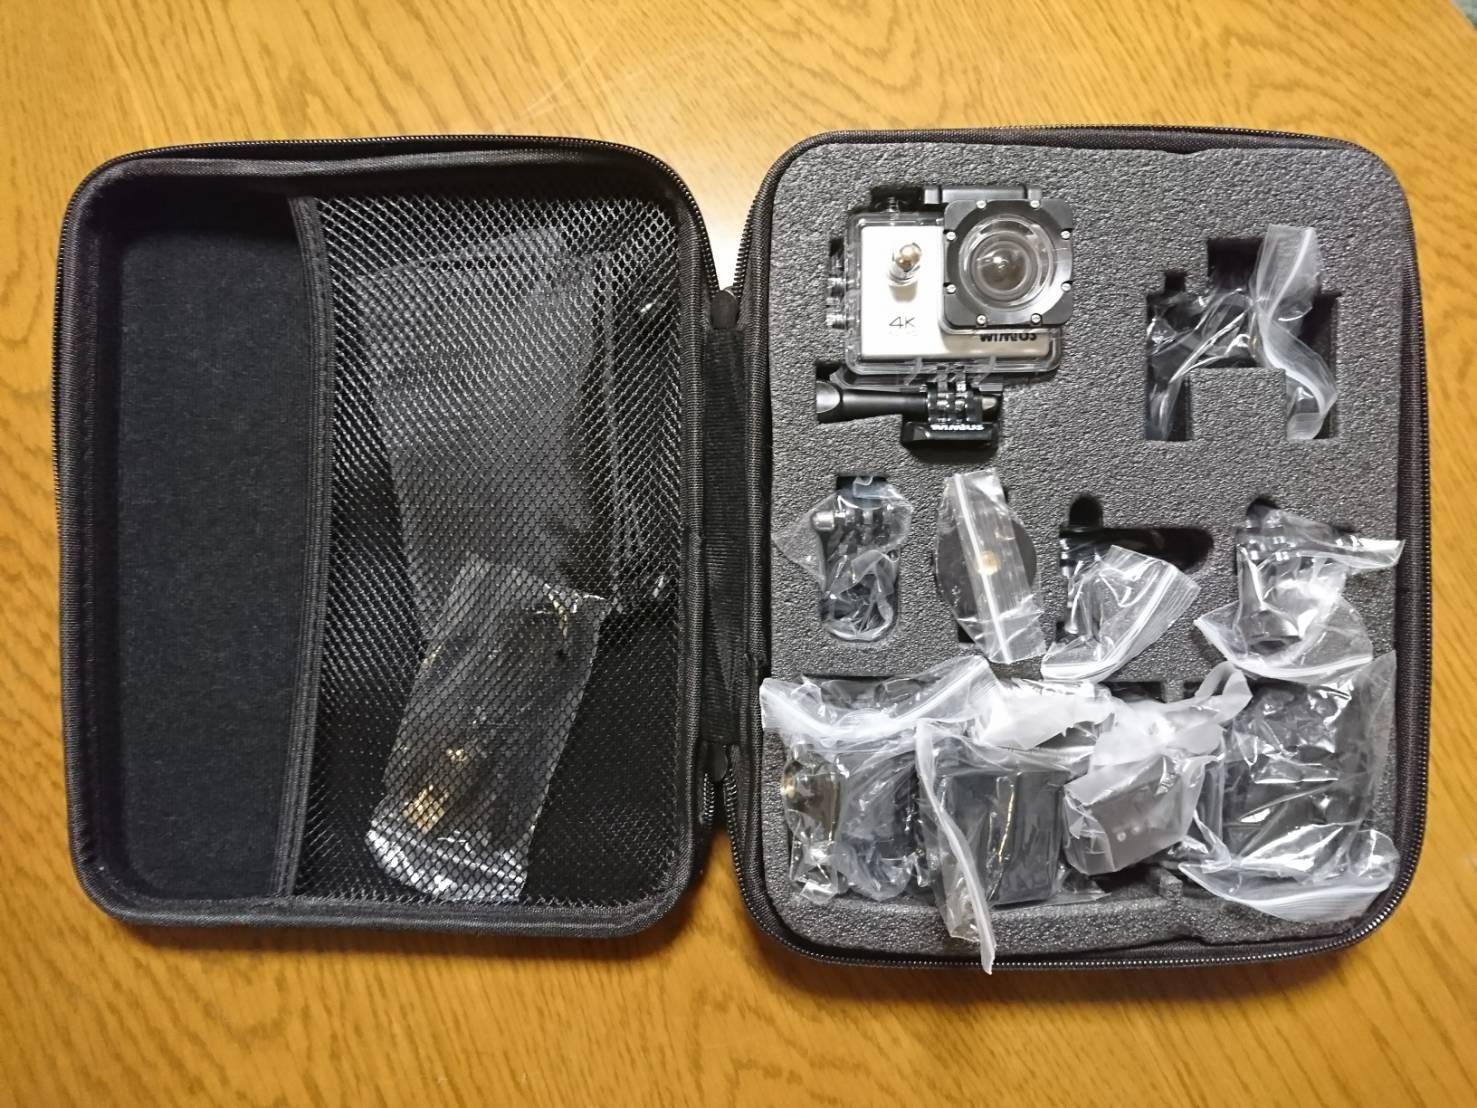 WIMIUS  スポーツカメラ Q1